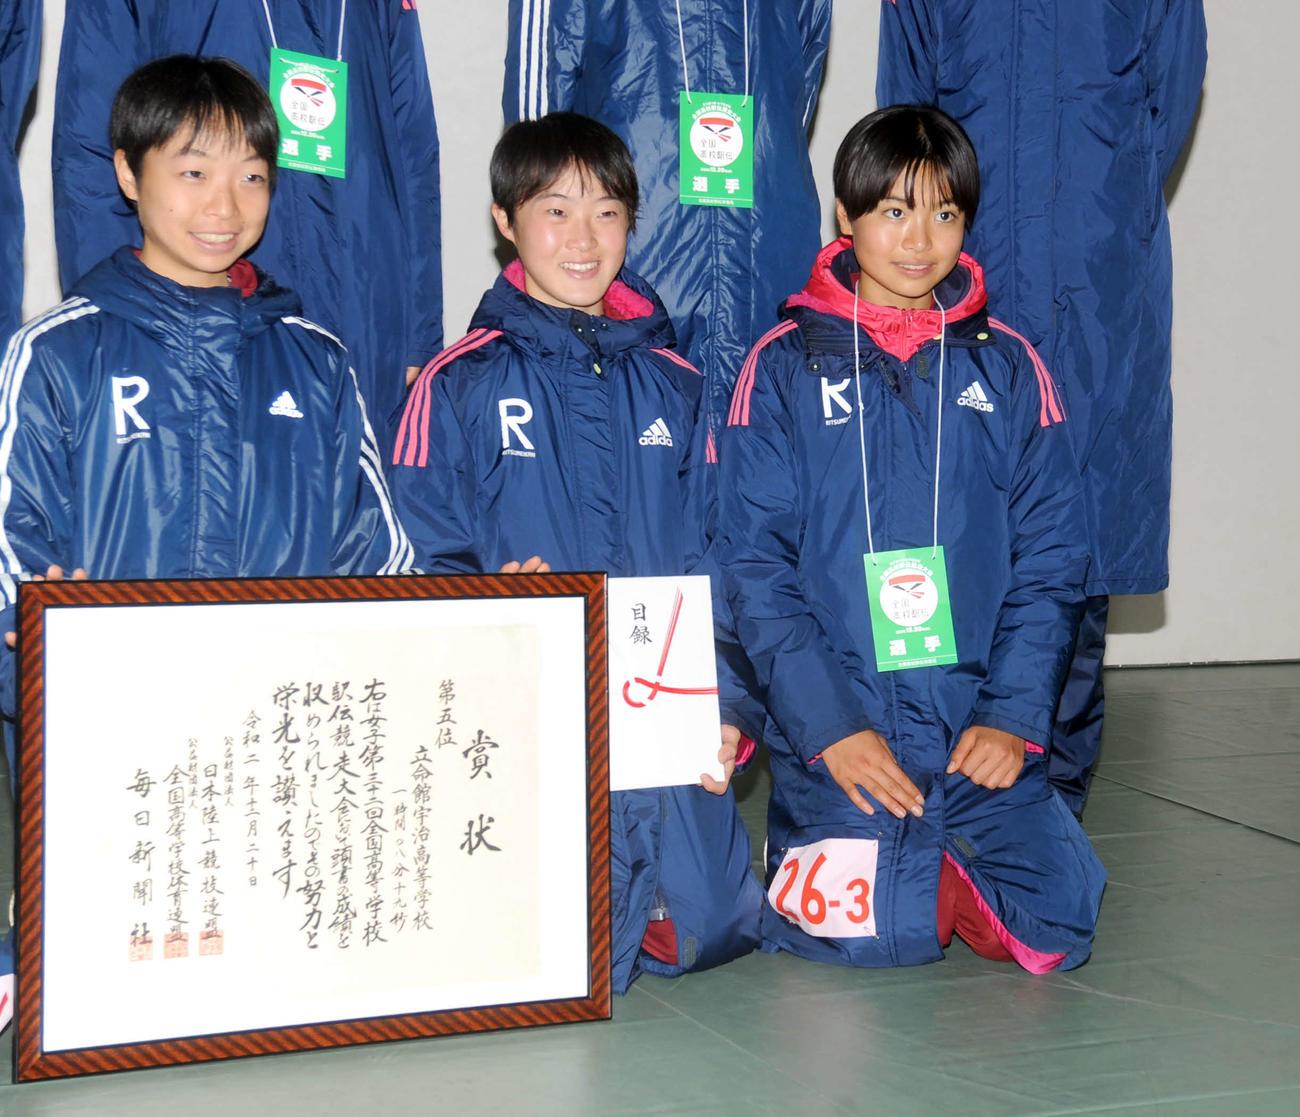 2区区間2位の快走でチームの5位入賞に貢献した立命館宇治の細谷(右)